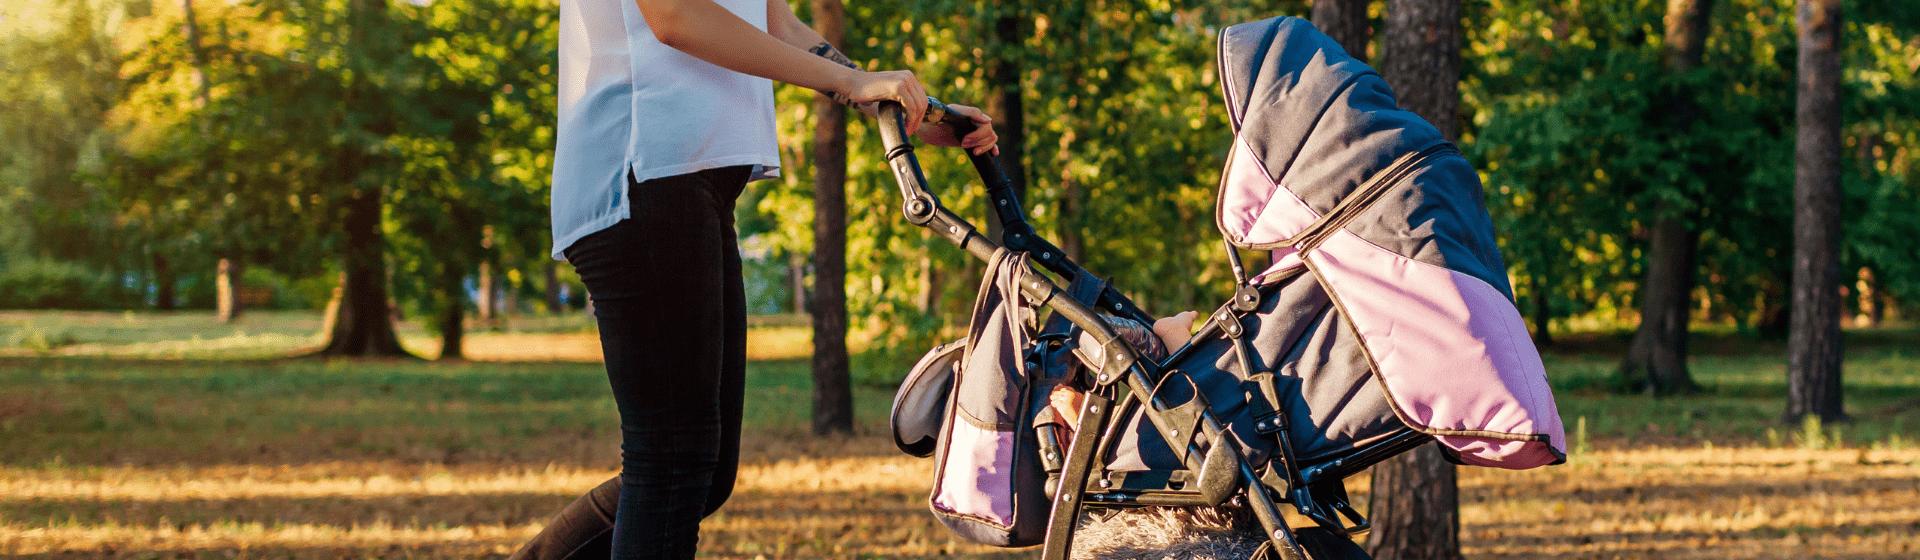 Melhor carrinho de bebê Galzerano: 10 opções para comprar em 2021